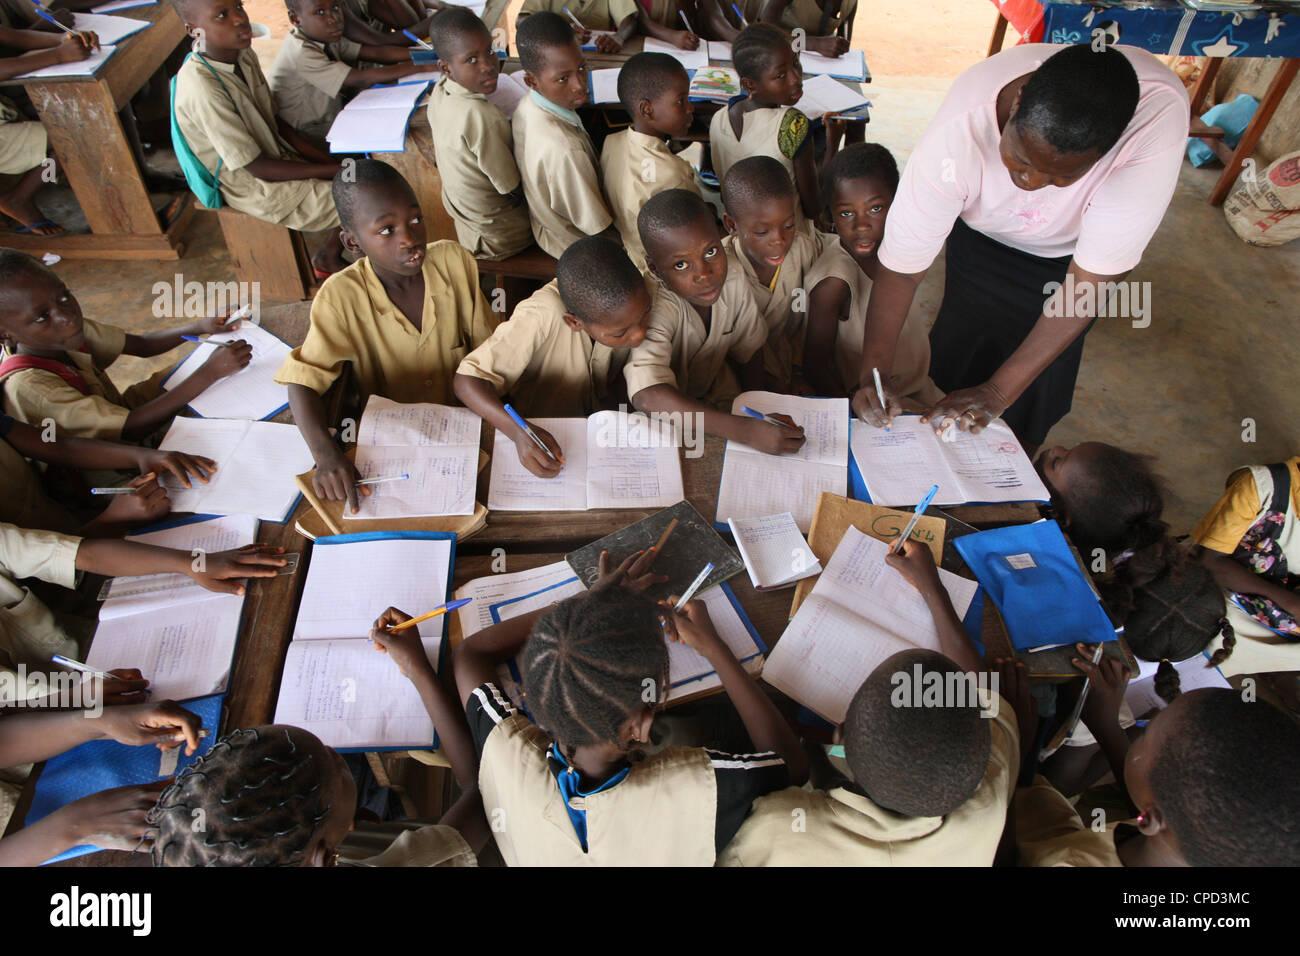 Primary school in Africa, Hevie, Benin, West Africa, Africa - Stock Image